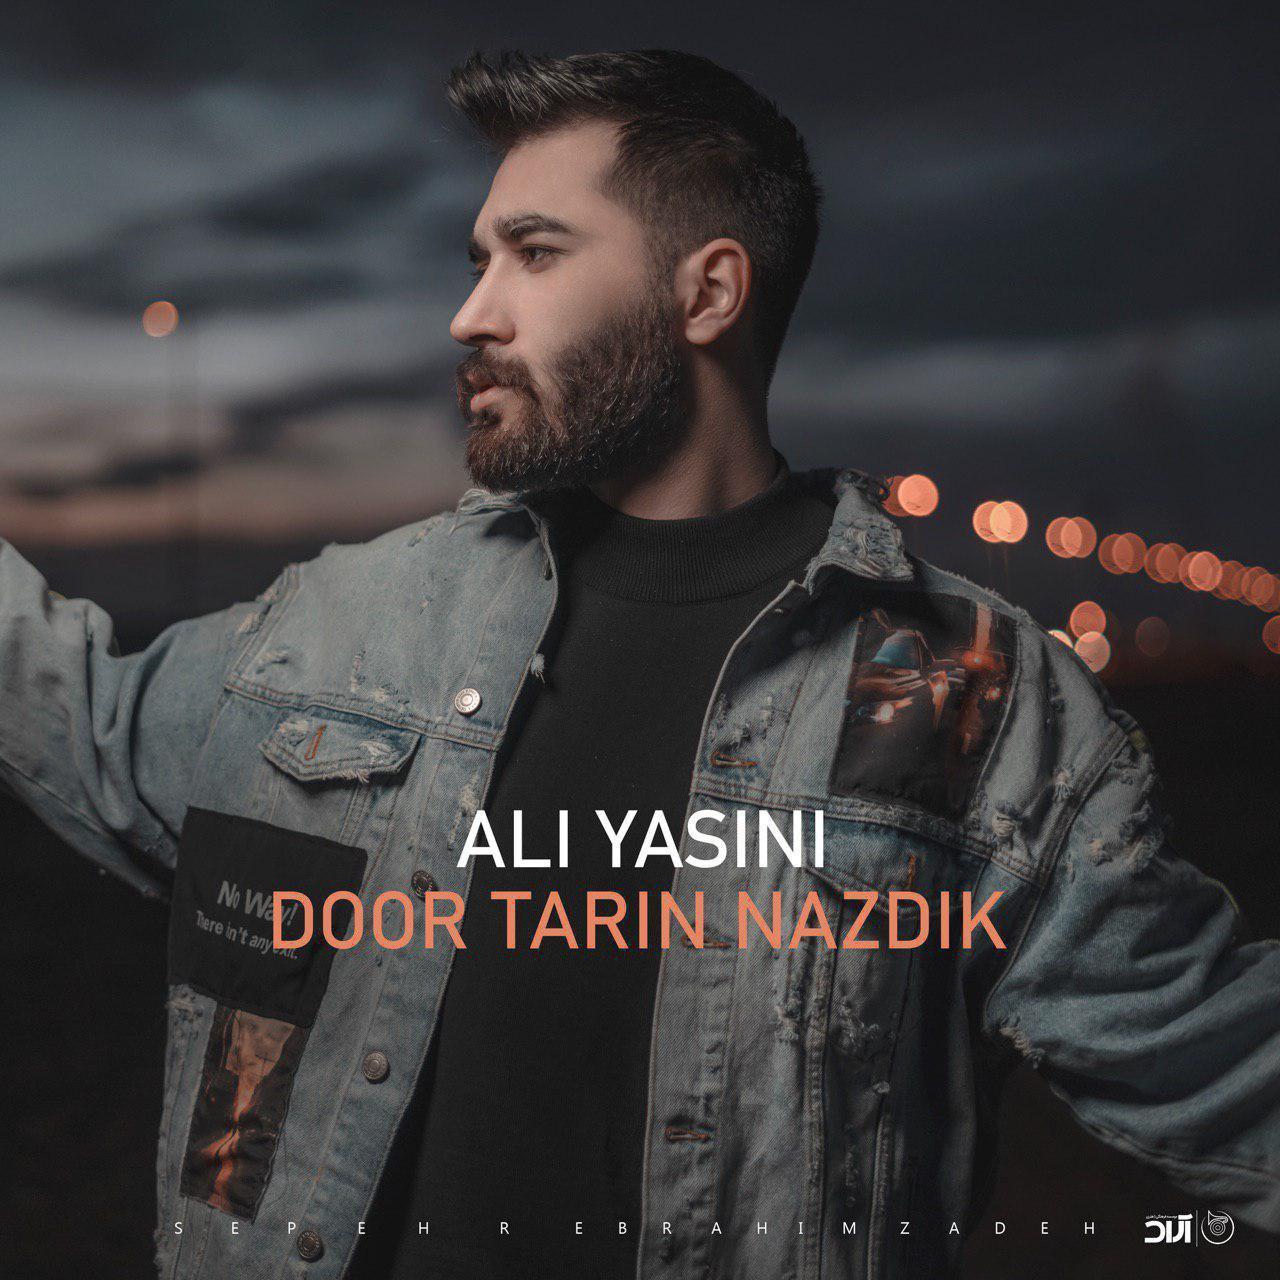 Ali Yasini – Door Tarin Nazdik